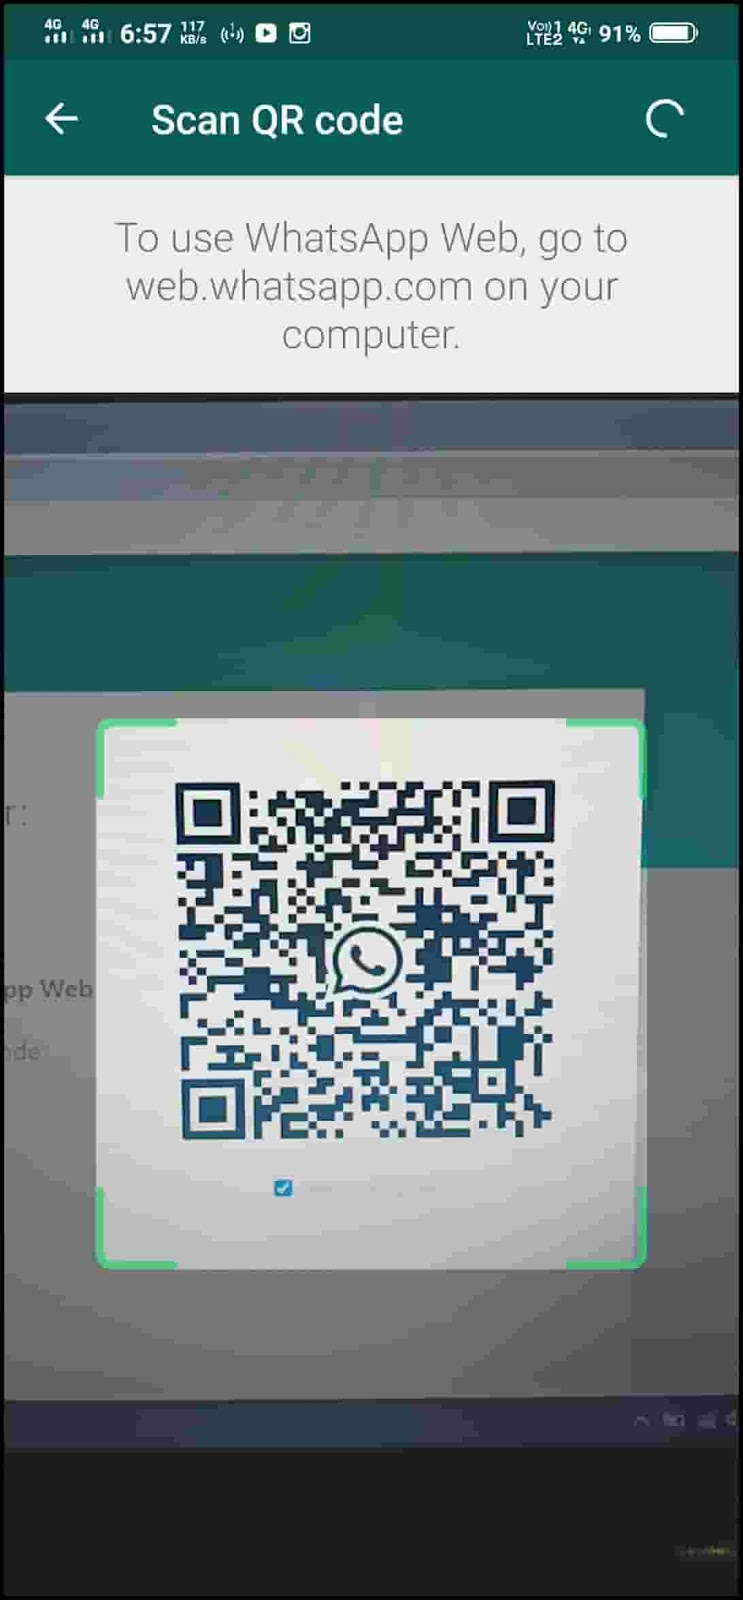 bina mobile ke laptop me whatsapp kaise chalaye